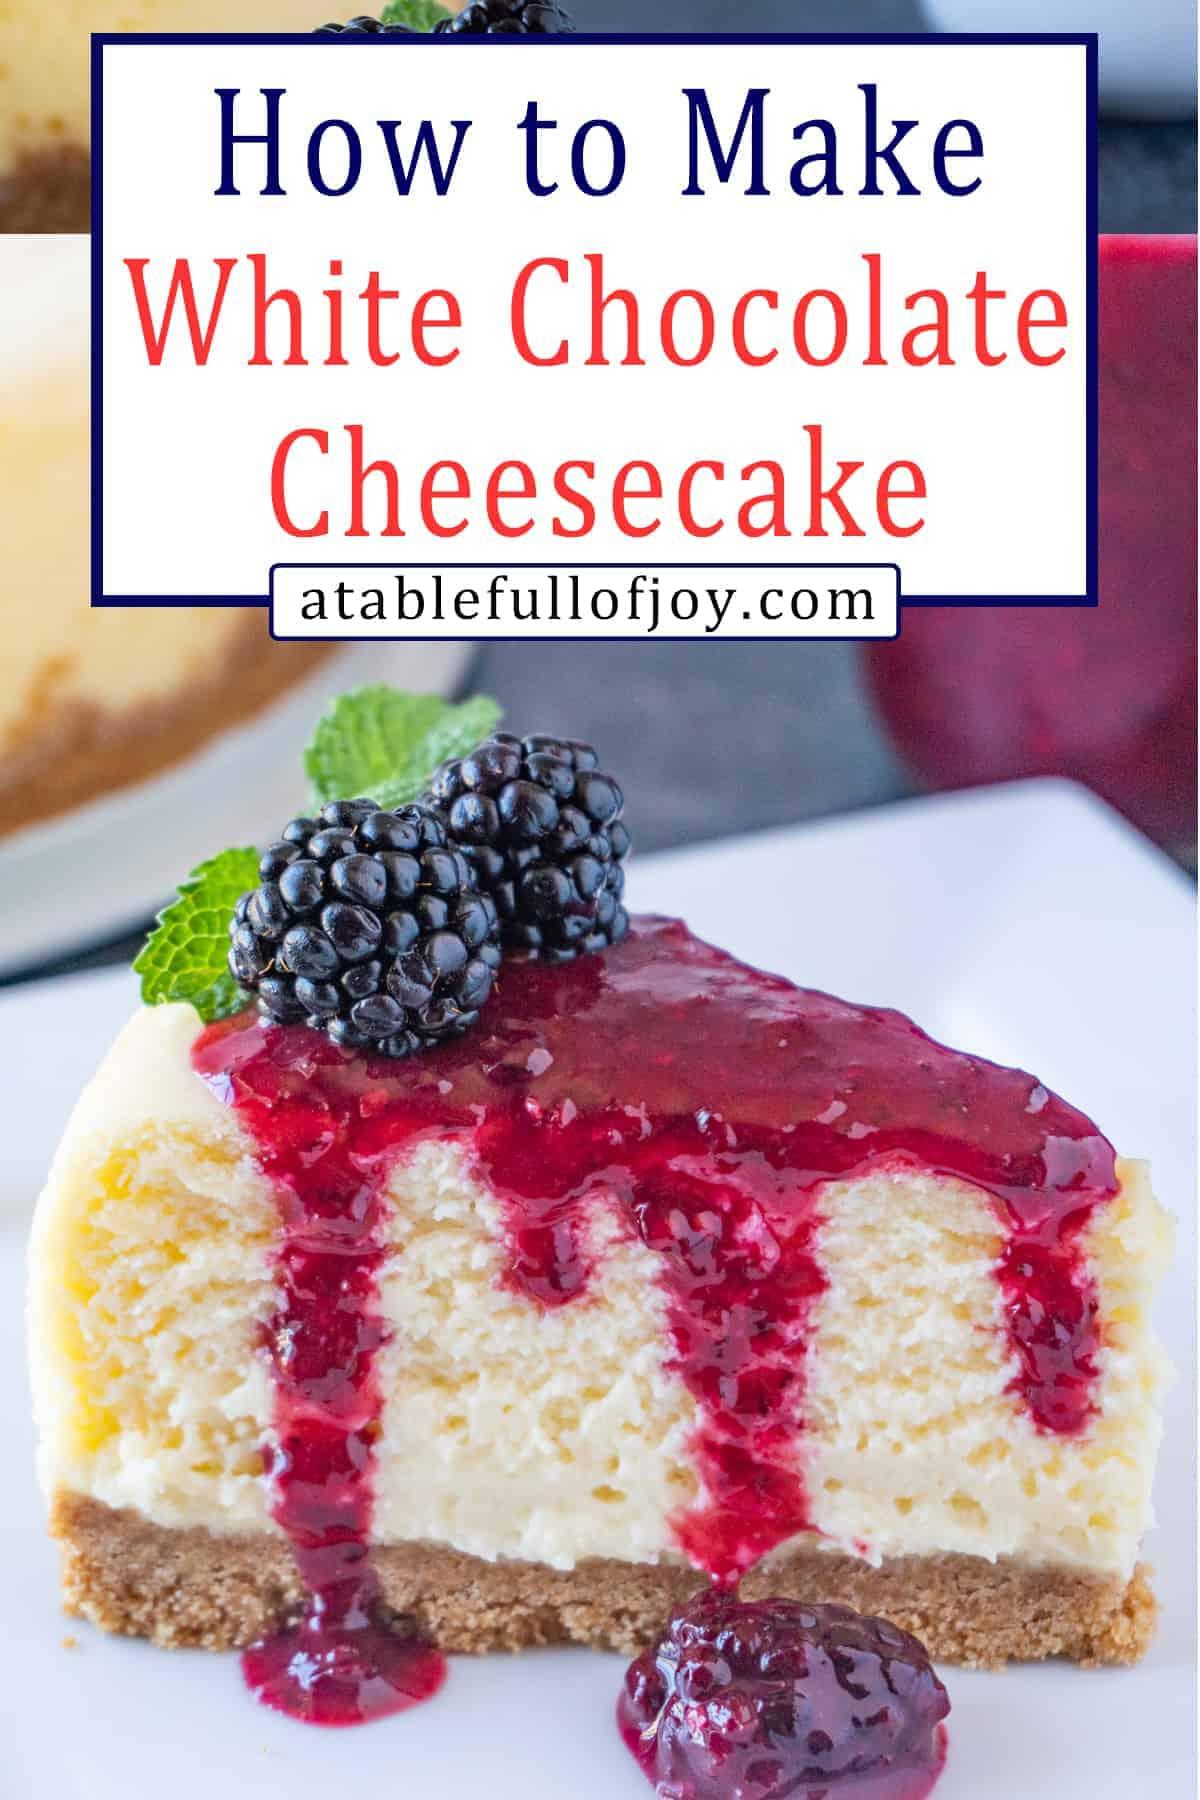 White Chocolate Cheesecake pinterest pin